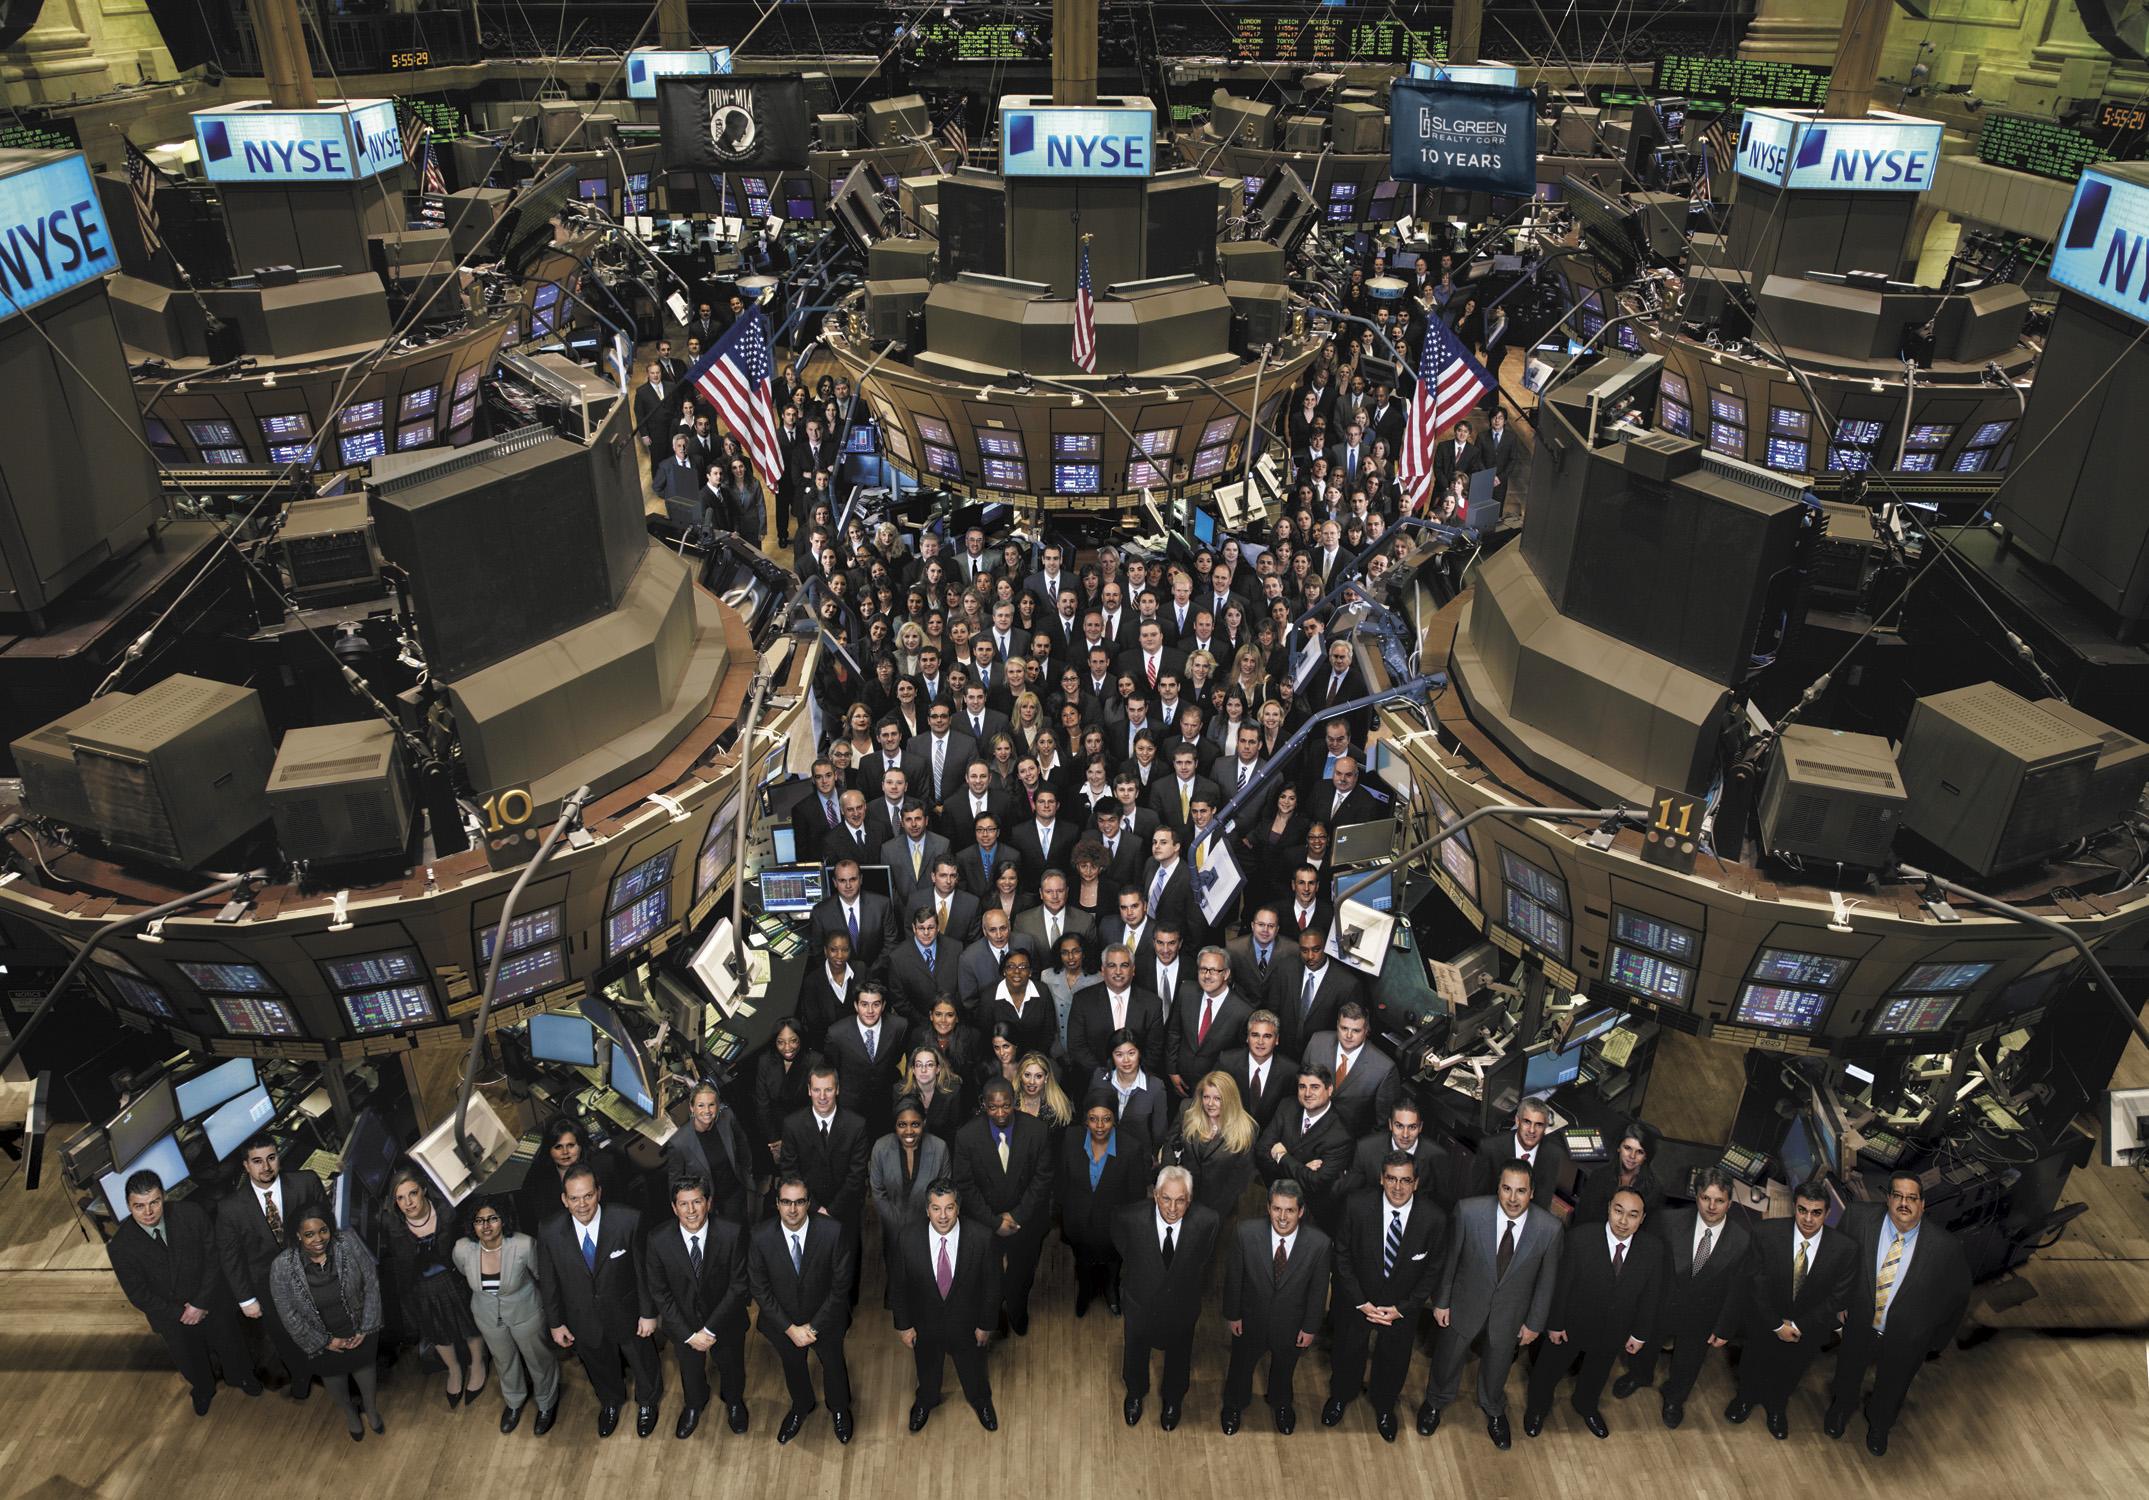 SL Green at the NYSE